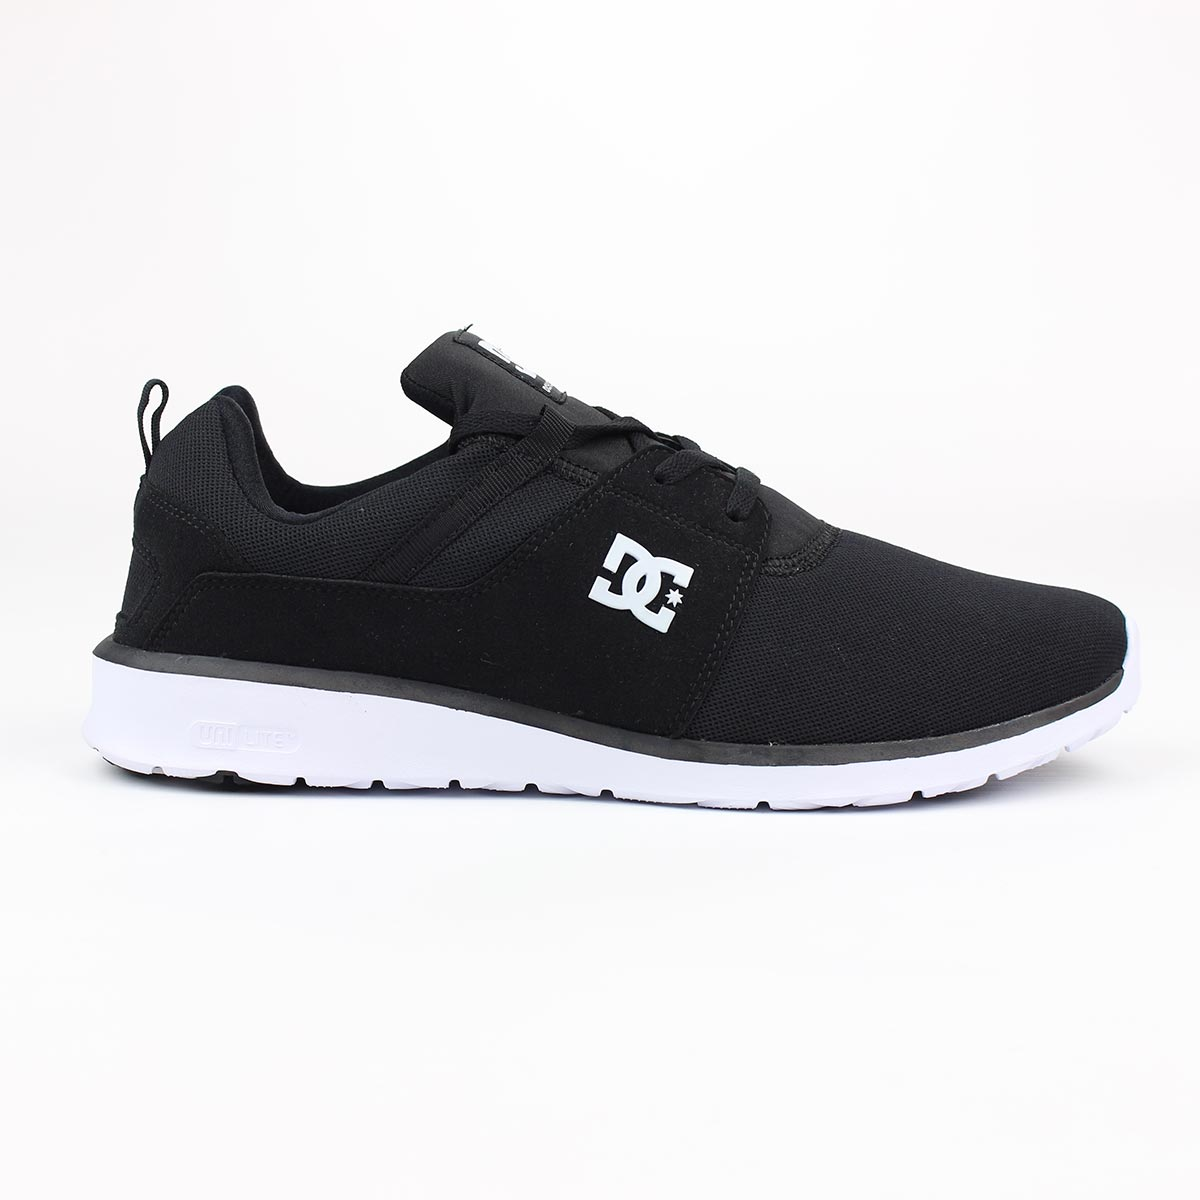 dc shoes heathrow black white